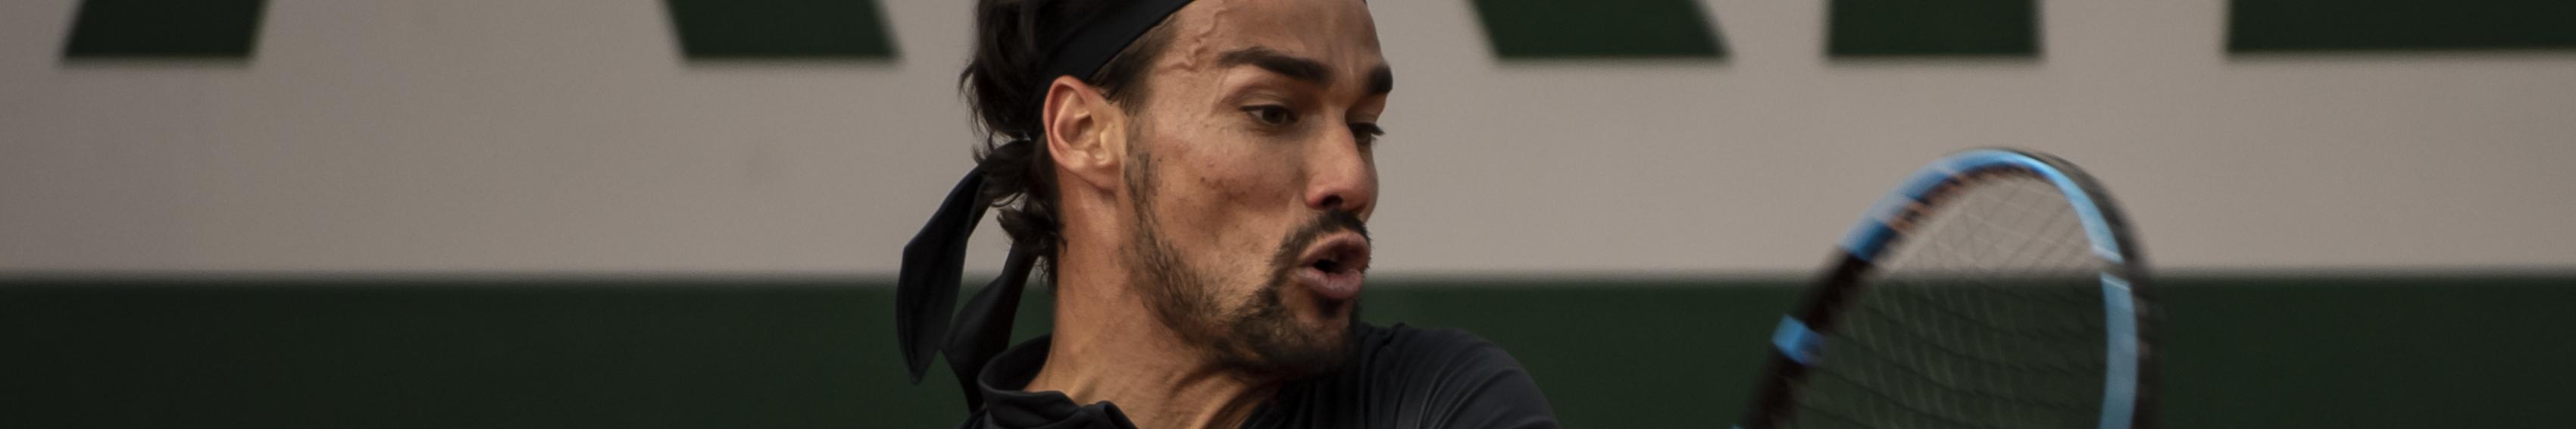 Tennis, i pronostici: Fognini e Fabbiano cercano un posto in semifinale